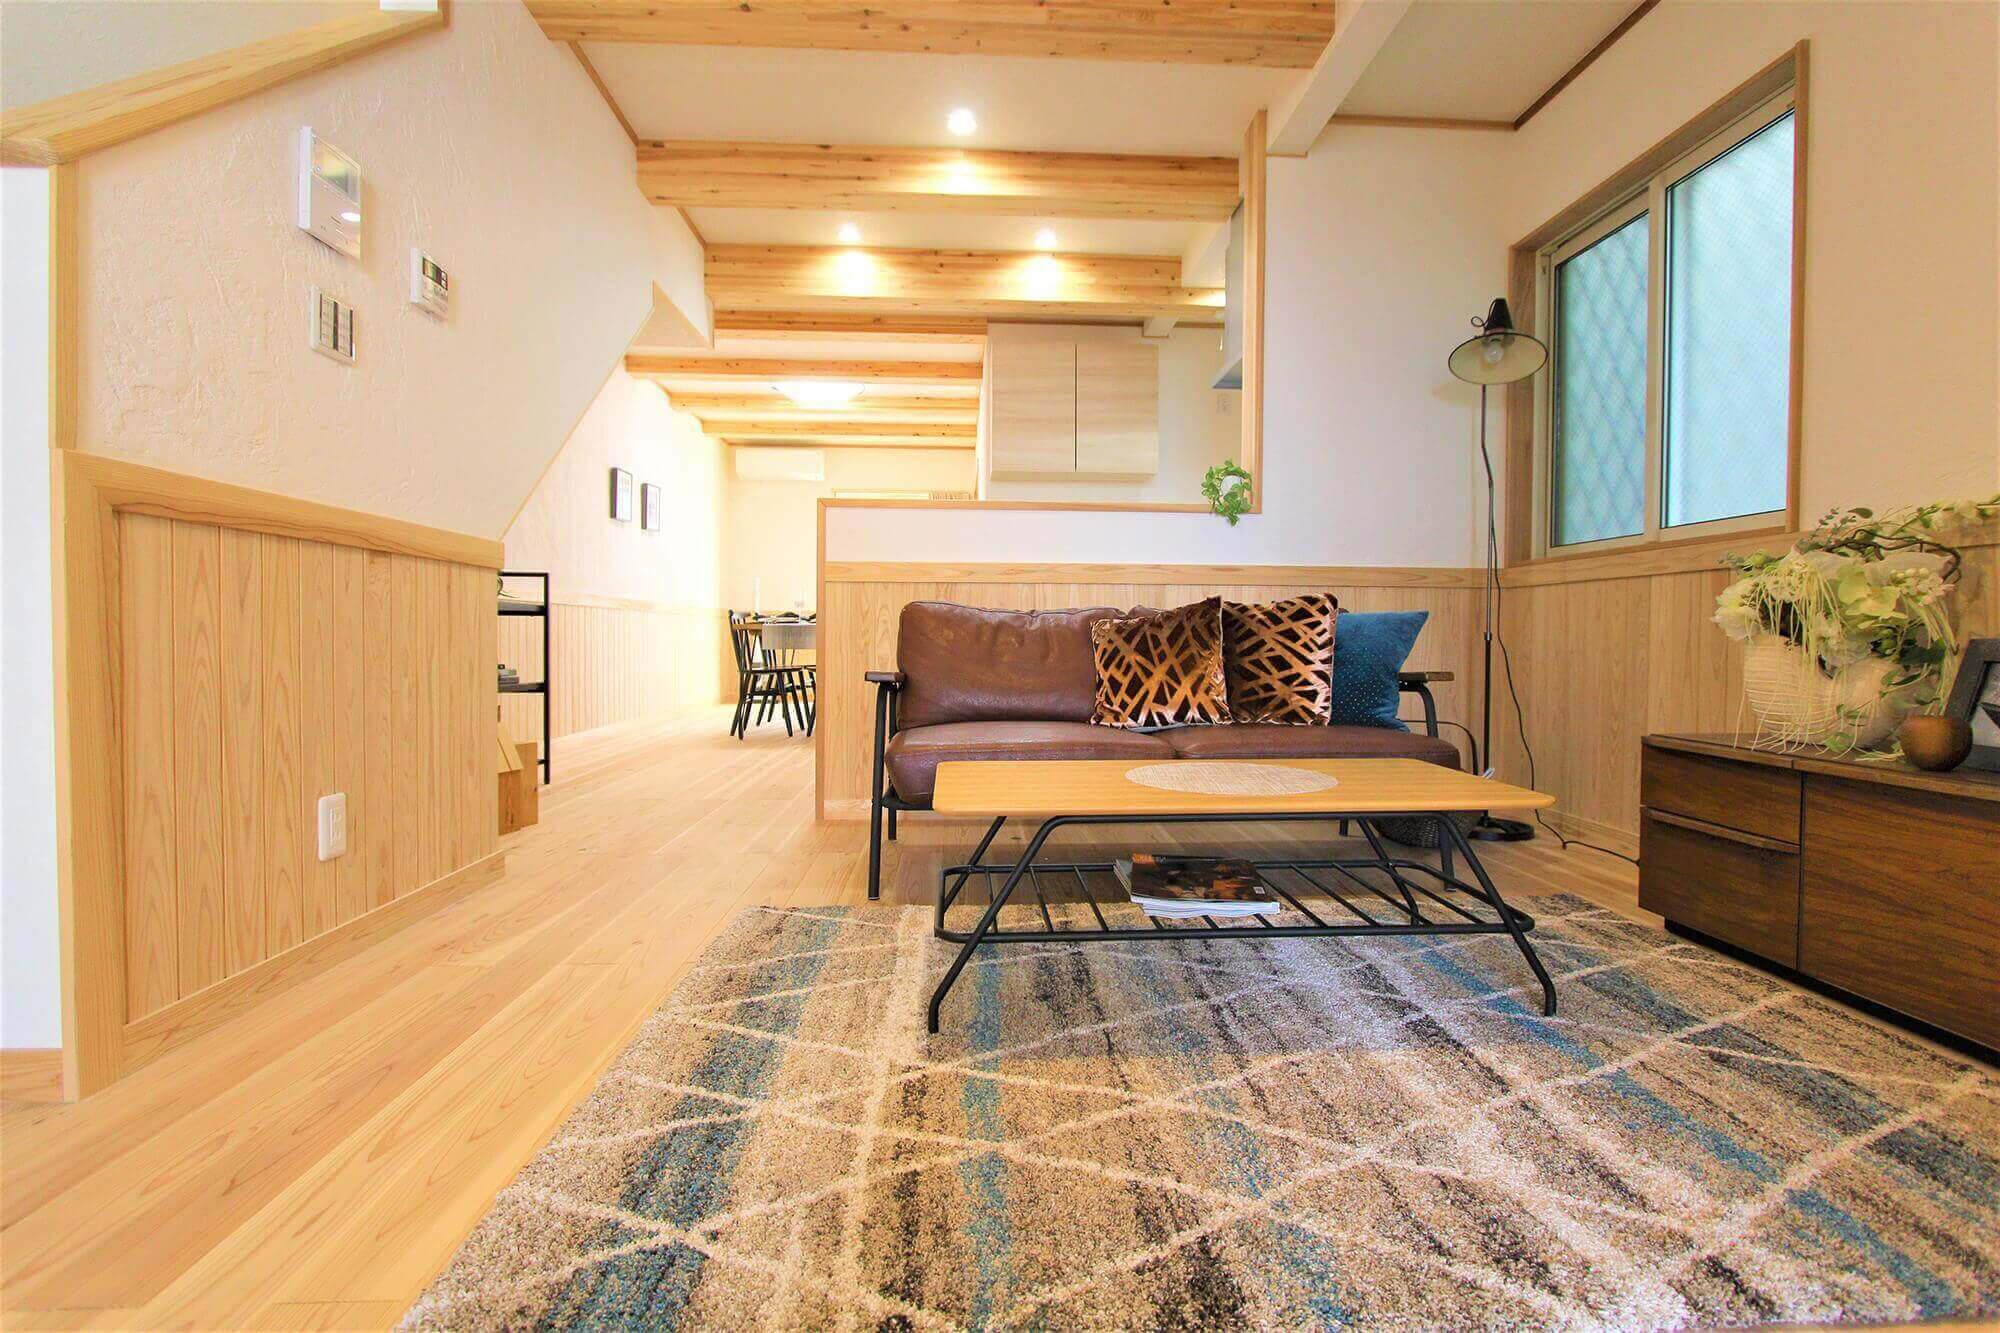 木の温もりを感じる自然素材の家づくり